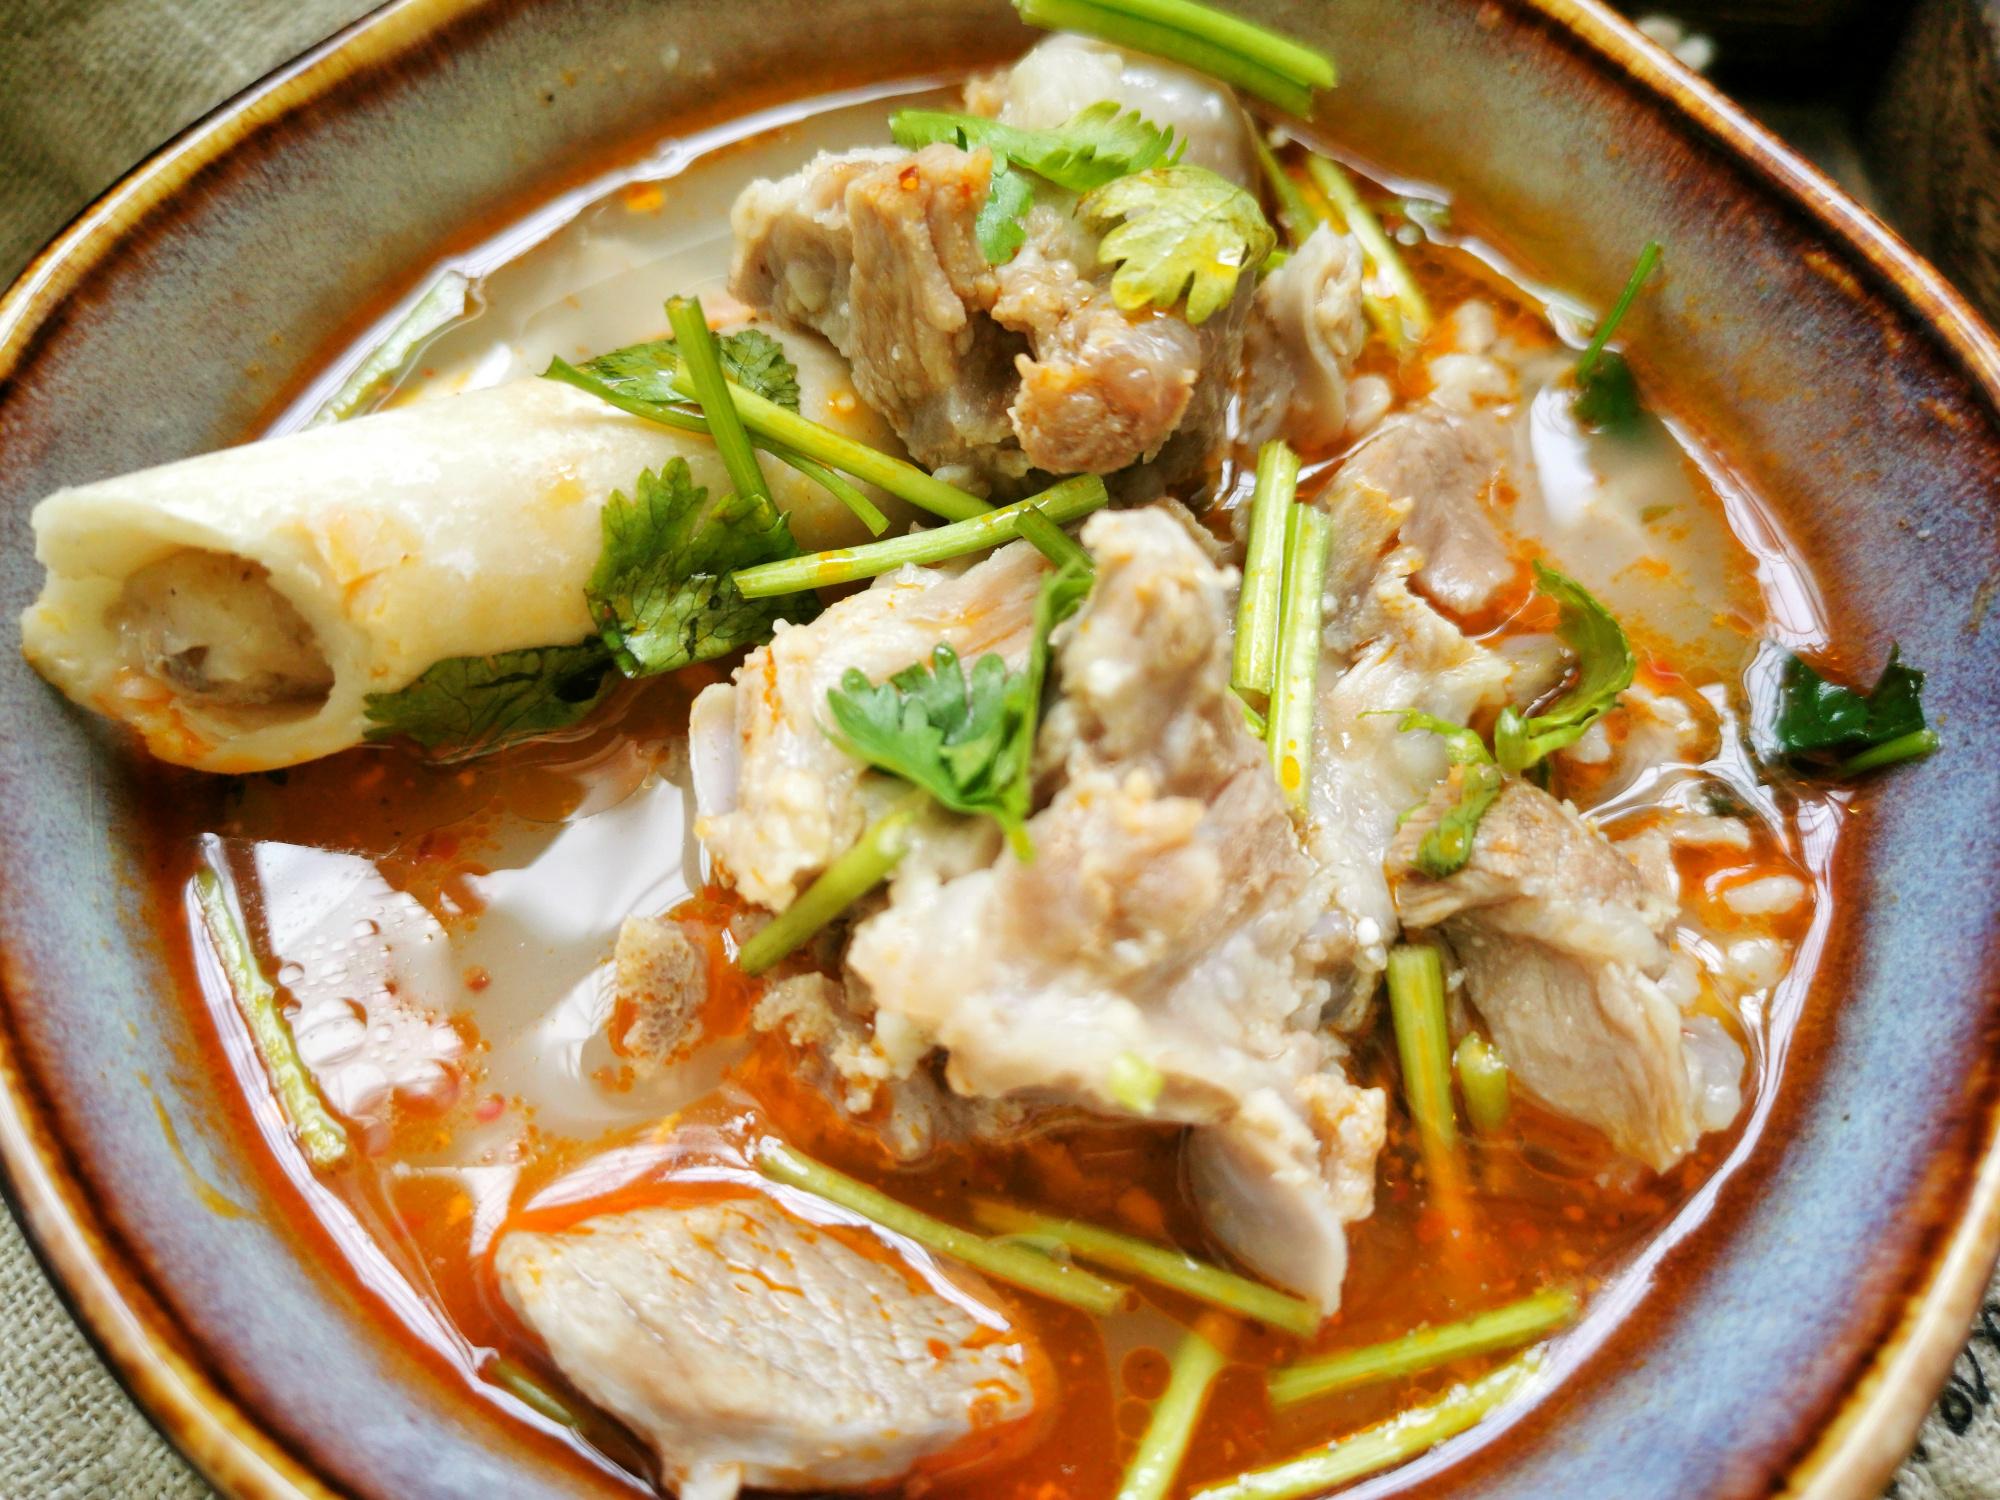 煮羊肉汤,最忌讳放大料,否则一锅肉都白煮了,汤不鲜美特难吃